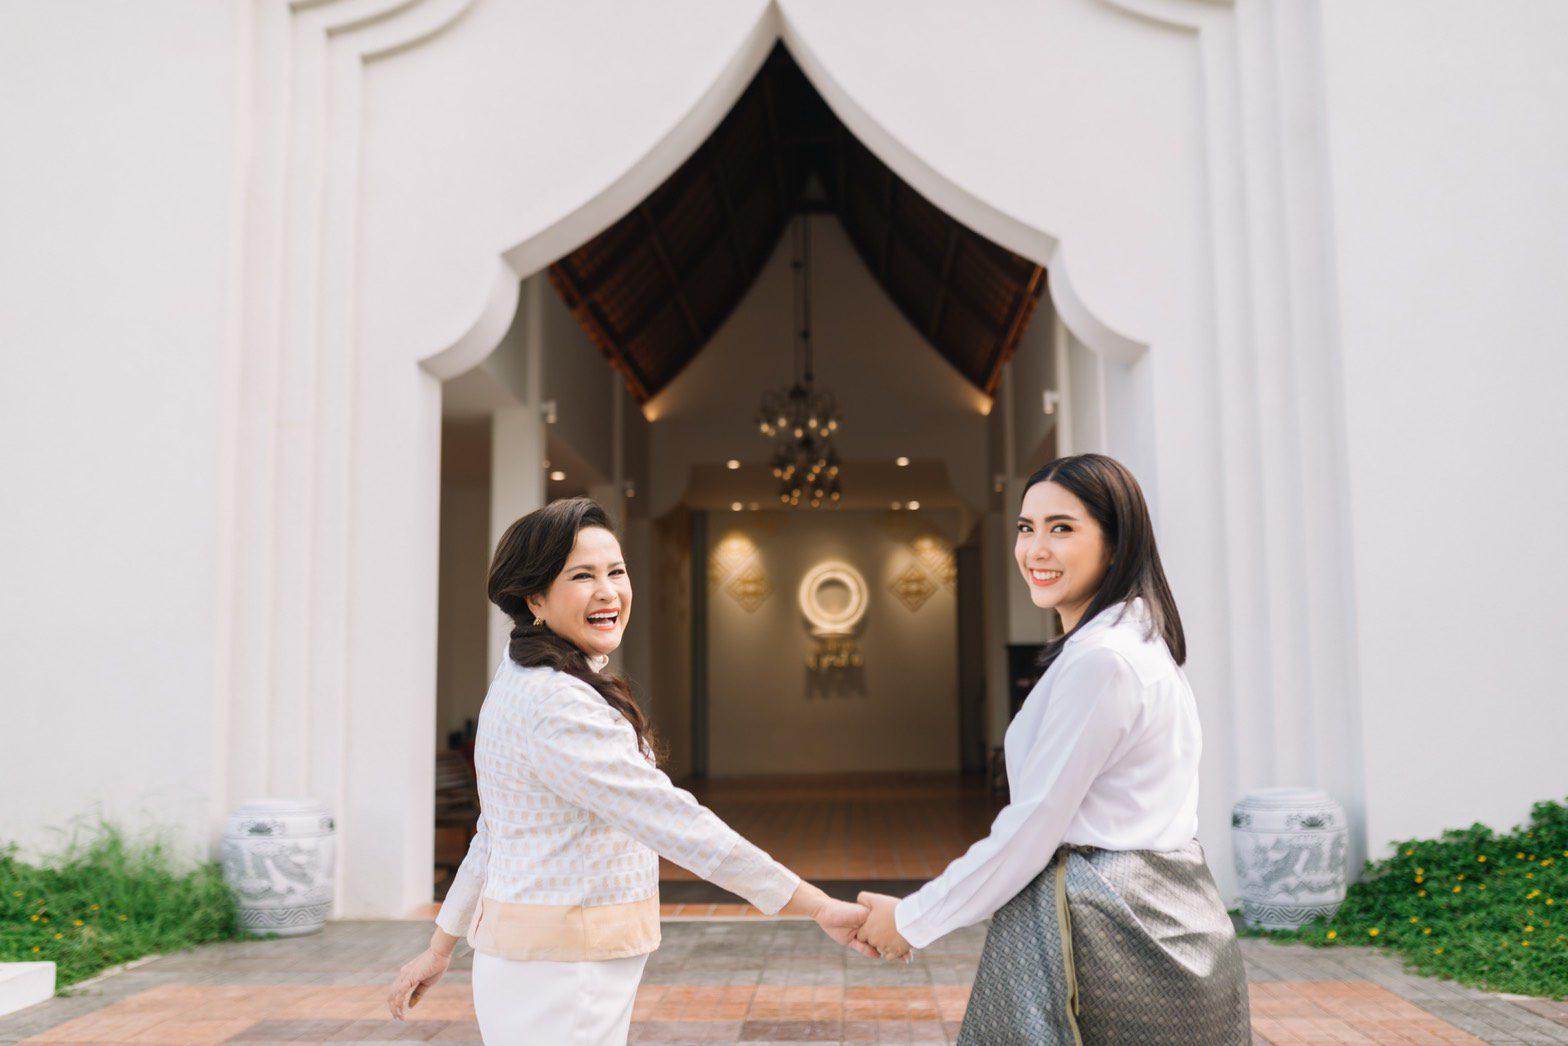 """เพลง ชวน แม่อ้อย-กาญจนา แต่งชุดไทย เที่ยว """"ณ สัทธา"""" จ.ราชบุรี ต้อนรับวันแม่แห่งชาติ"""